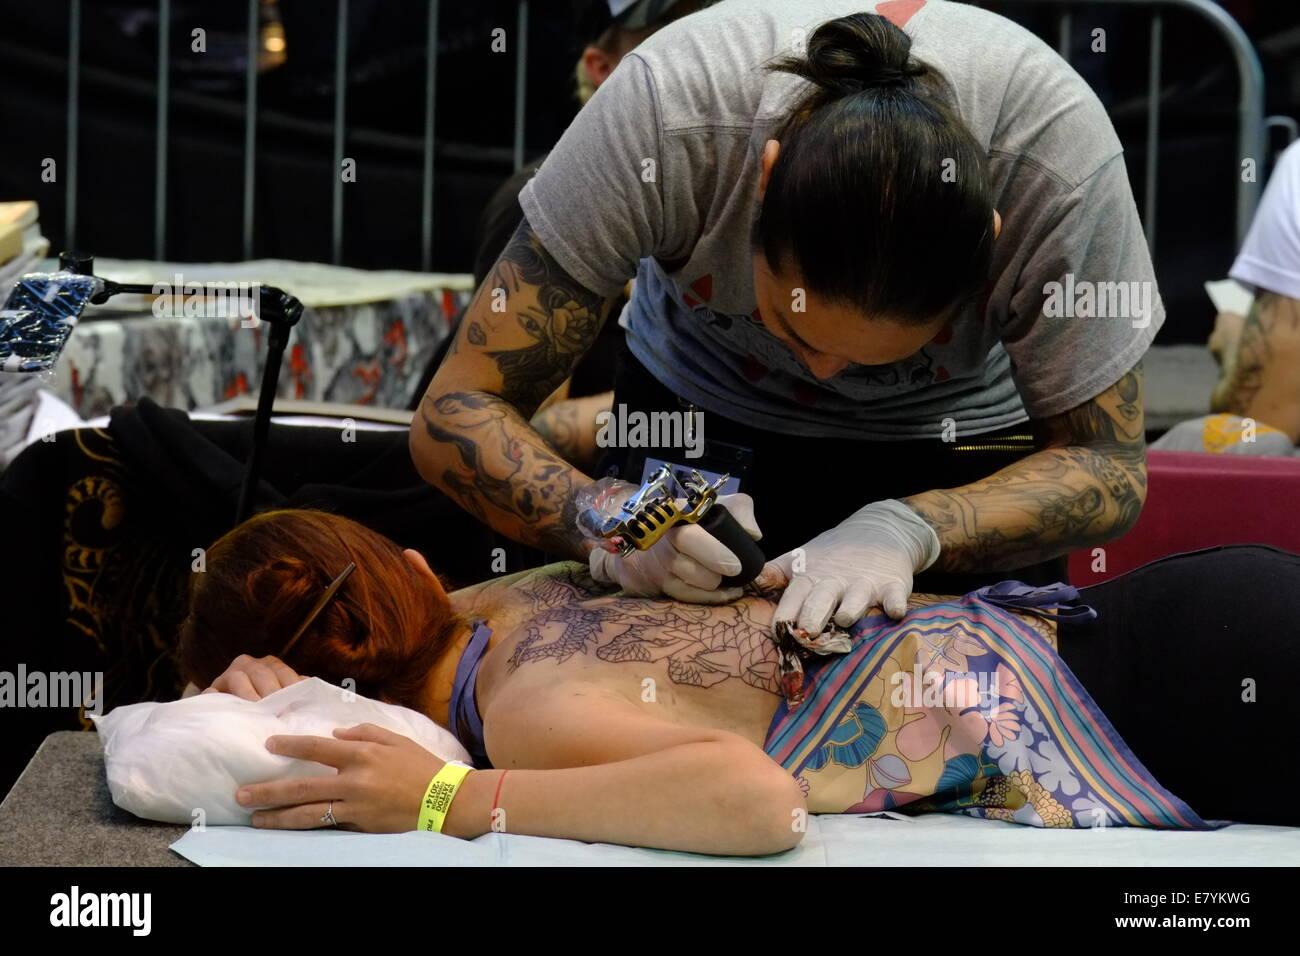 Datierung Ihres Tattoo-Künstlers Was nach 40 Tagen Dating geschah